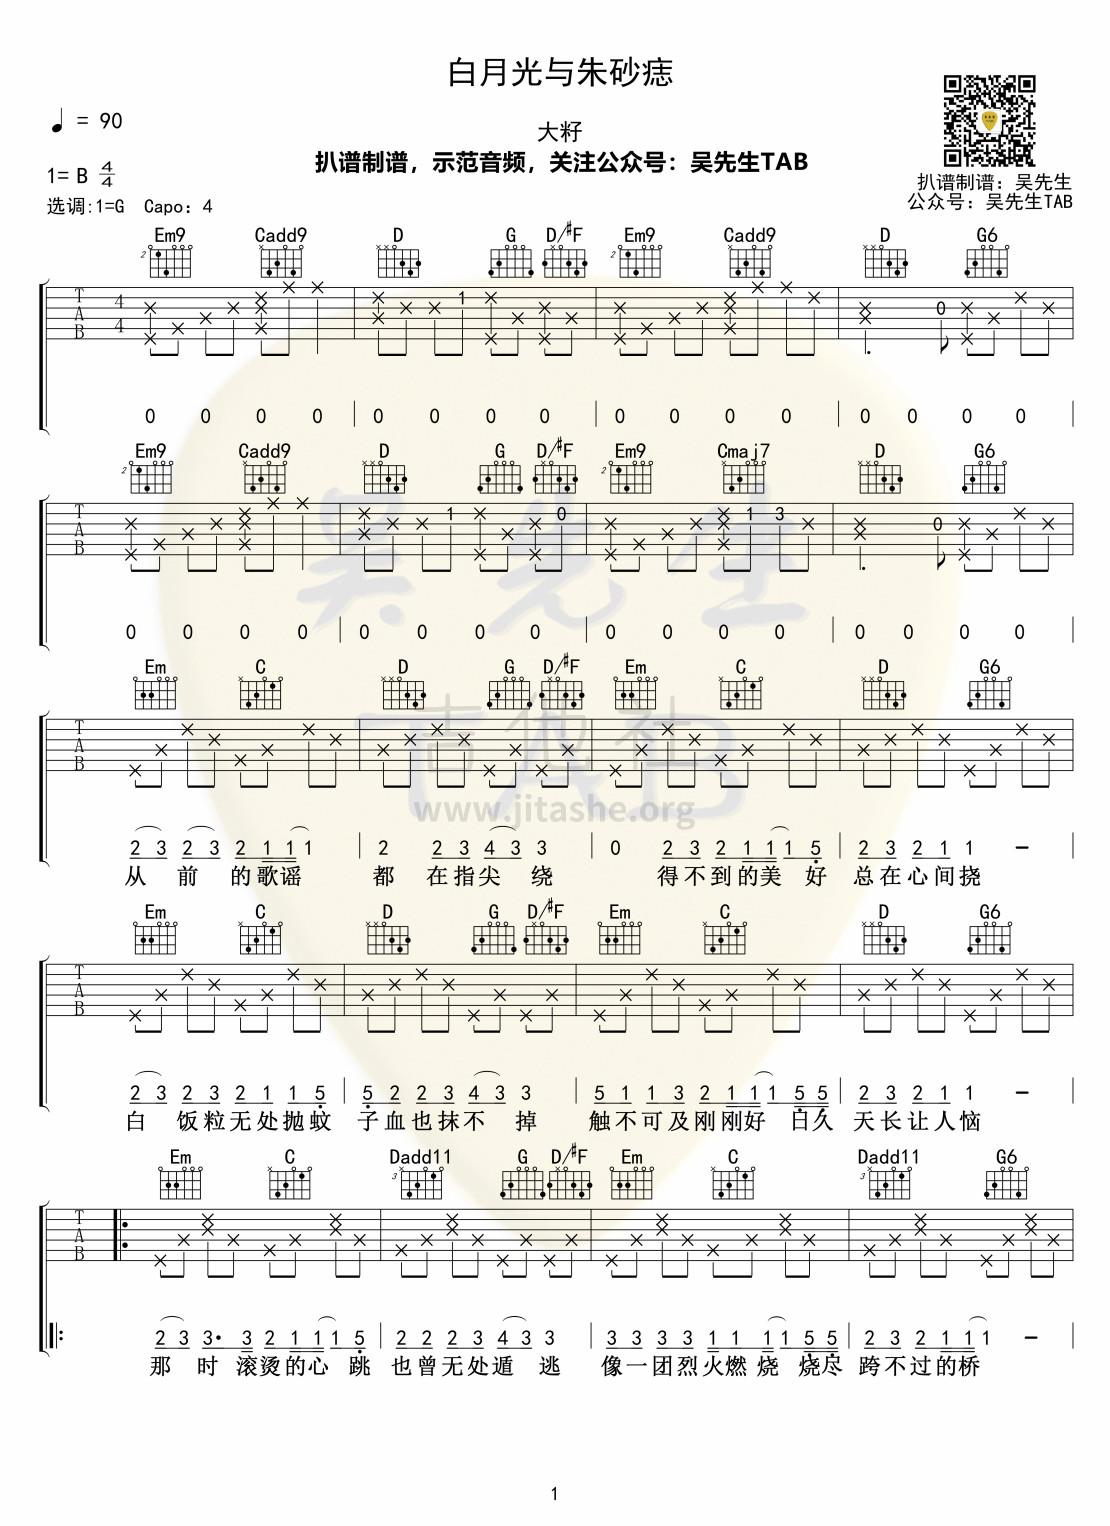 白月光与朱砂痣吉他谱(图片谱,弹唱)_大籽_白月光与朱砂痣01.jpg